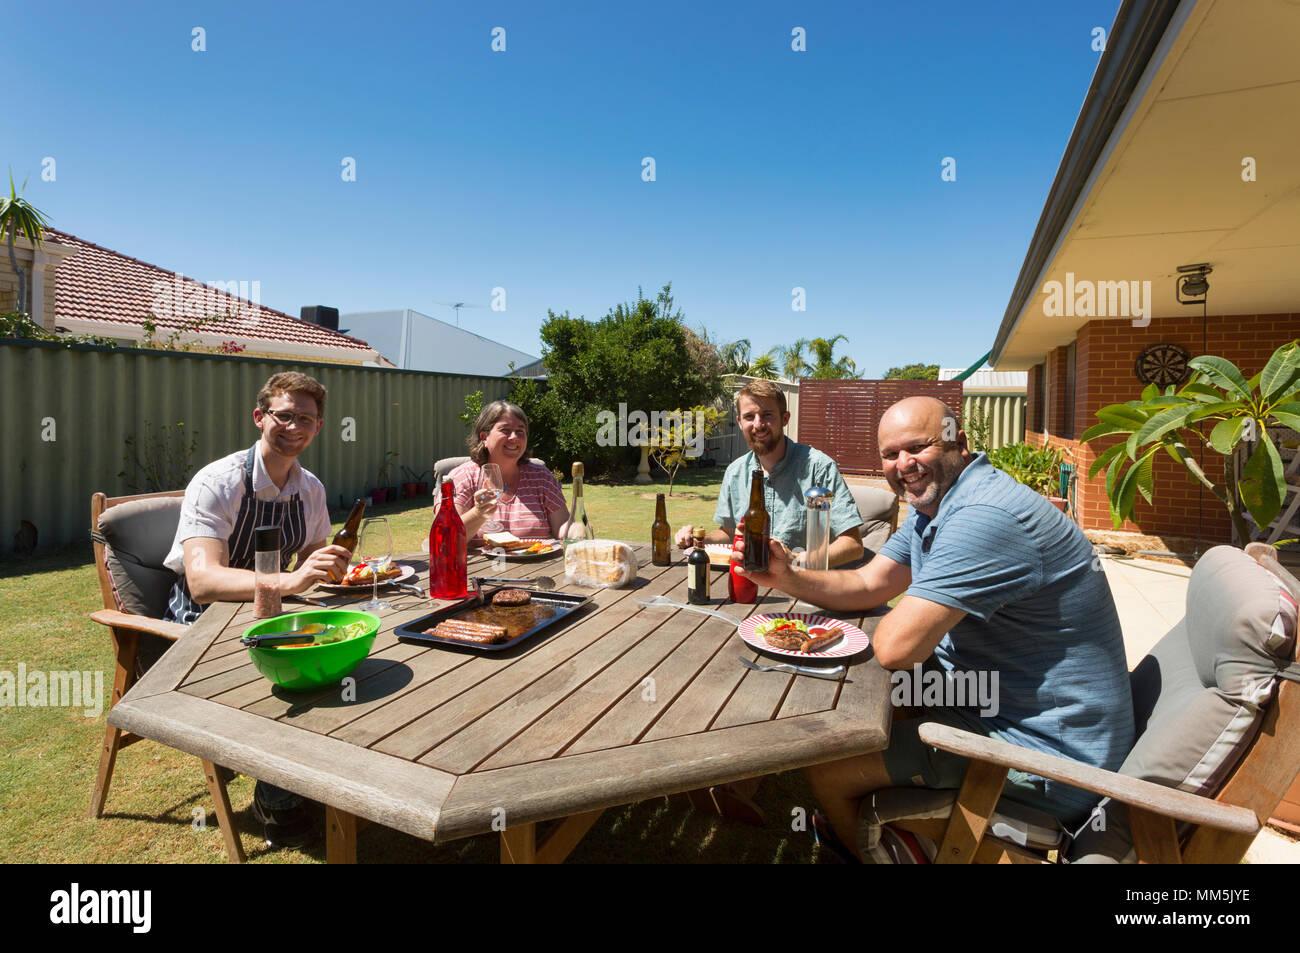 Un groupe de personnes coin extérieur avec barbecue. Photo Stock